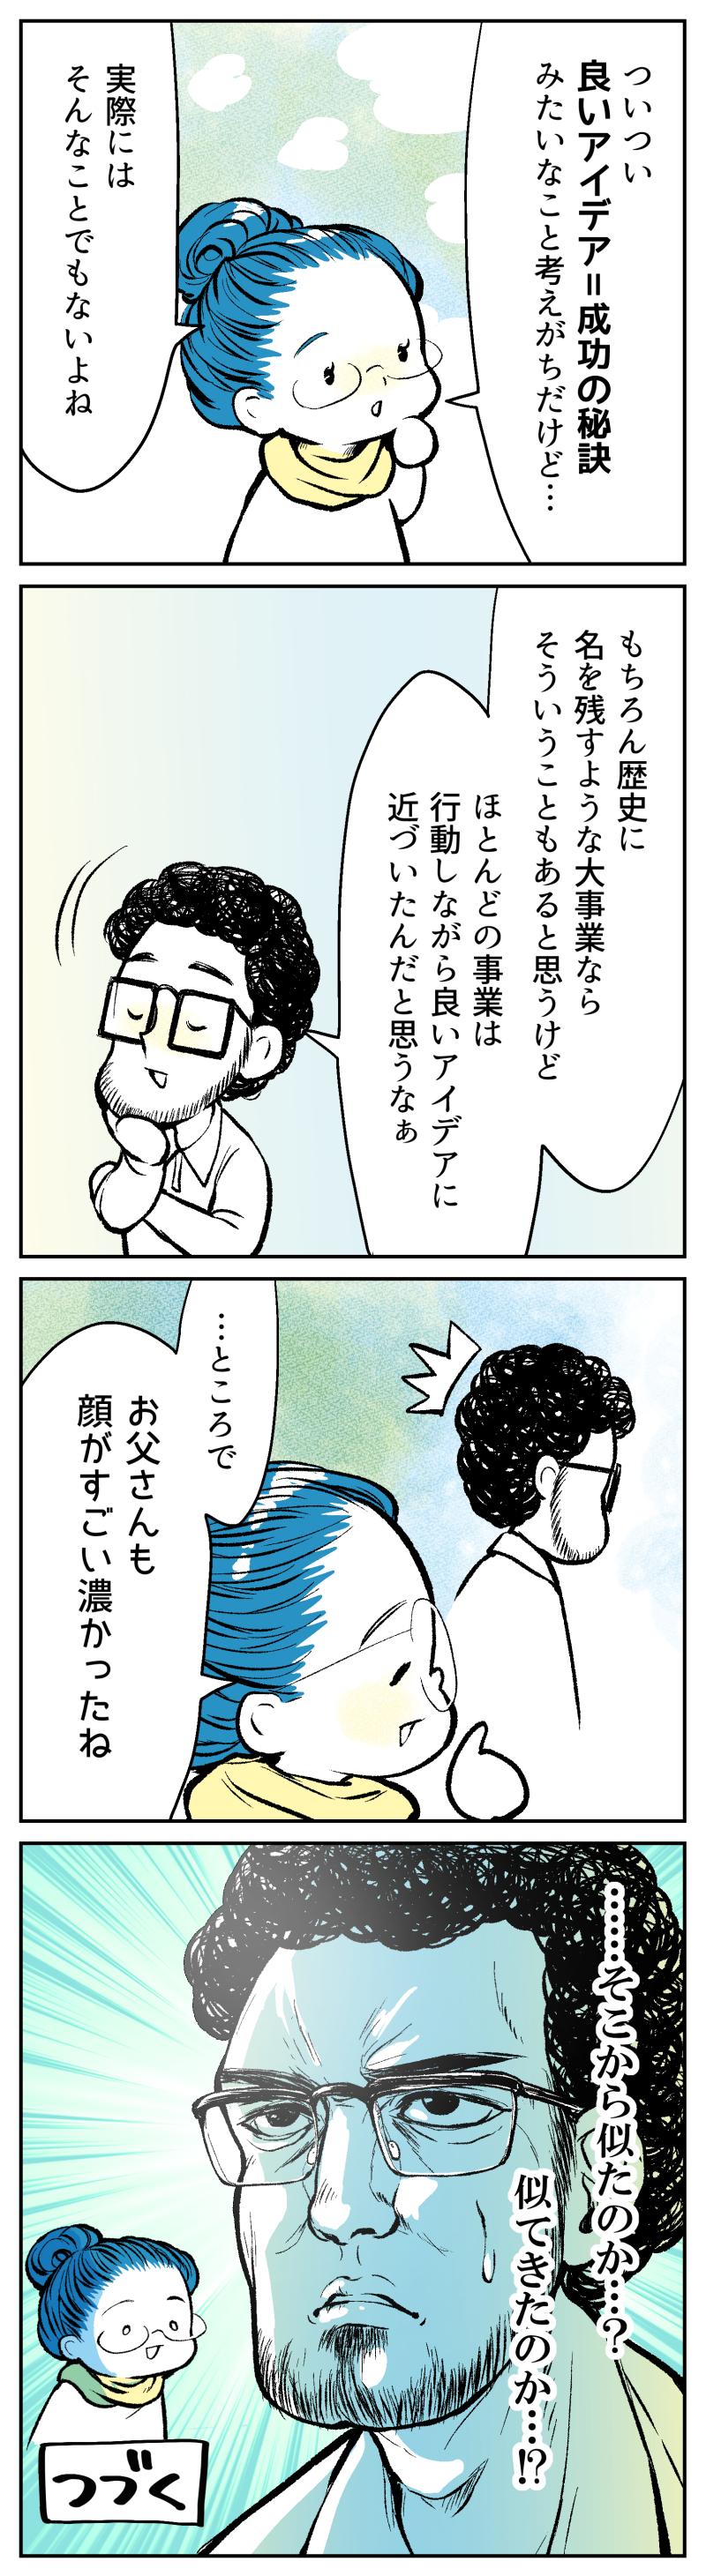 伯爵4話_013.jpg